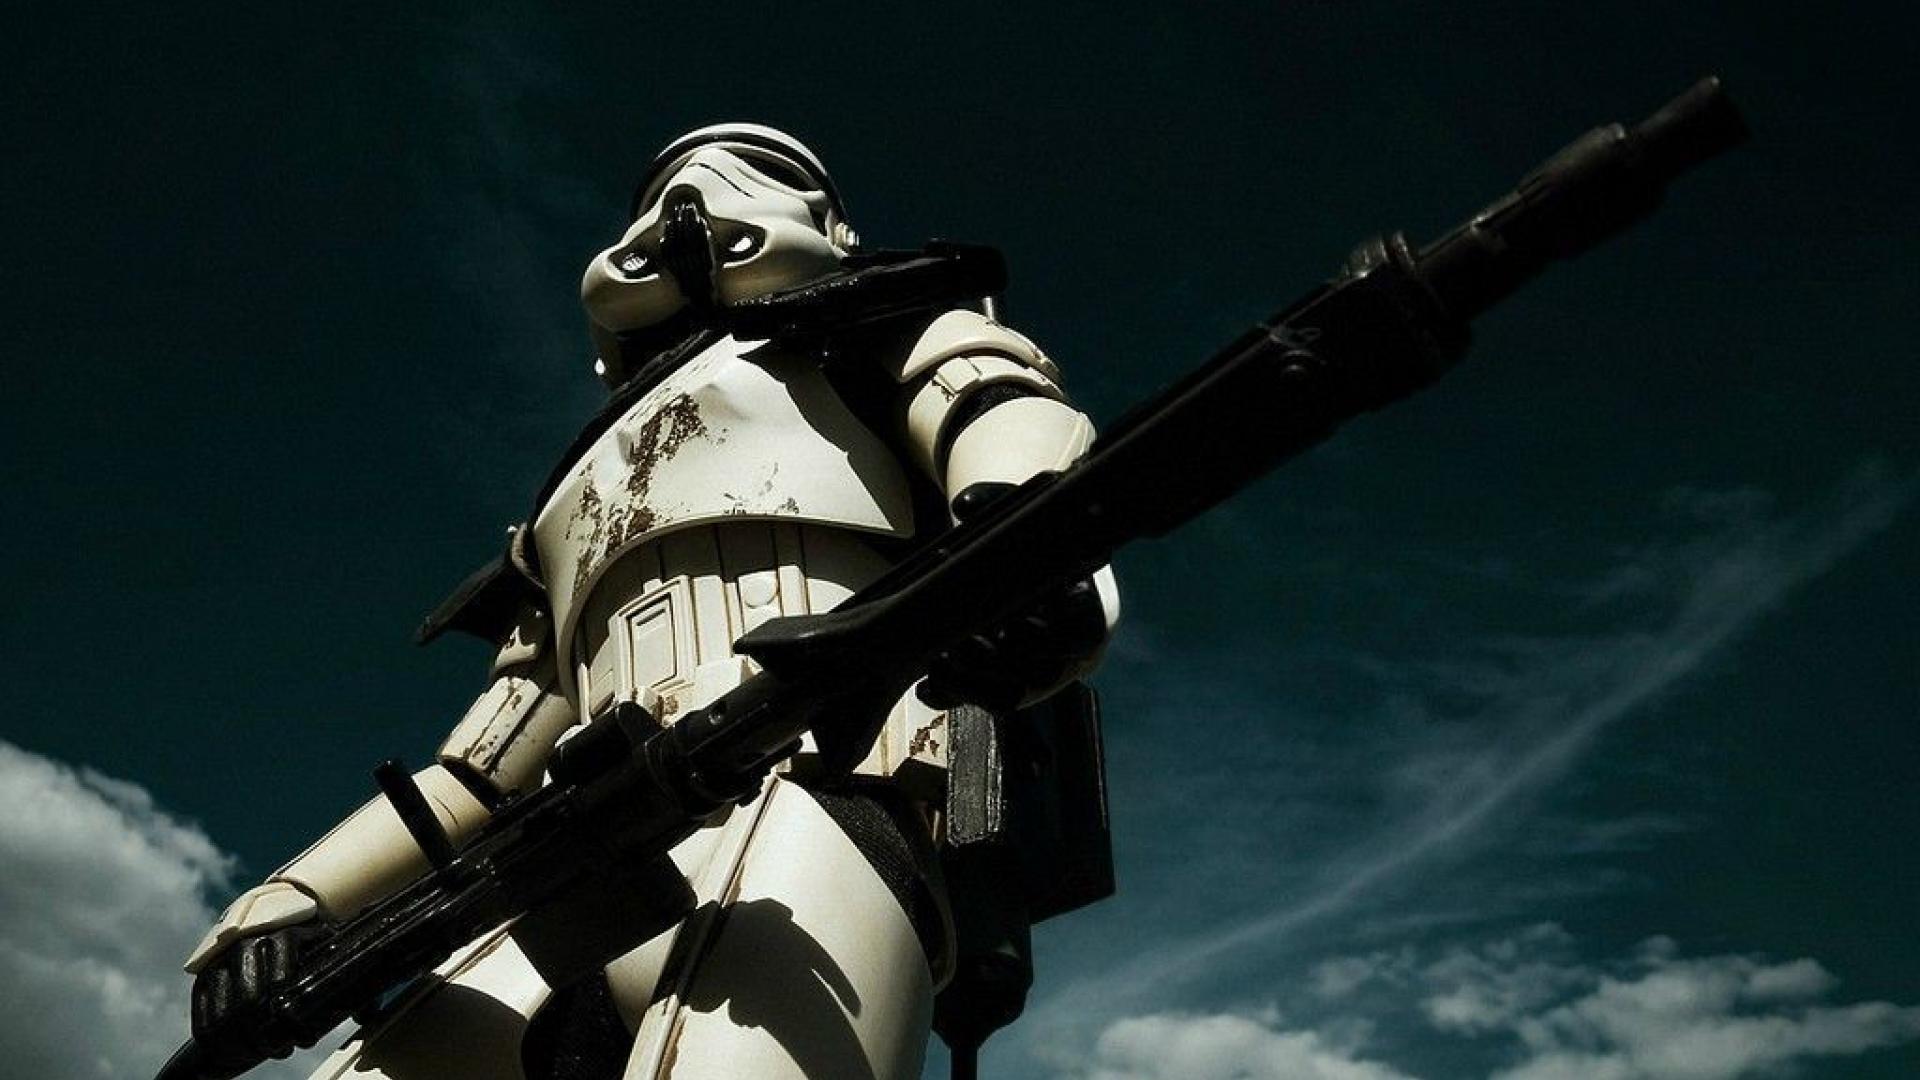 Star Wars Trooper Wallpaper Sf Wallpaper